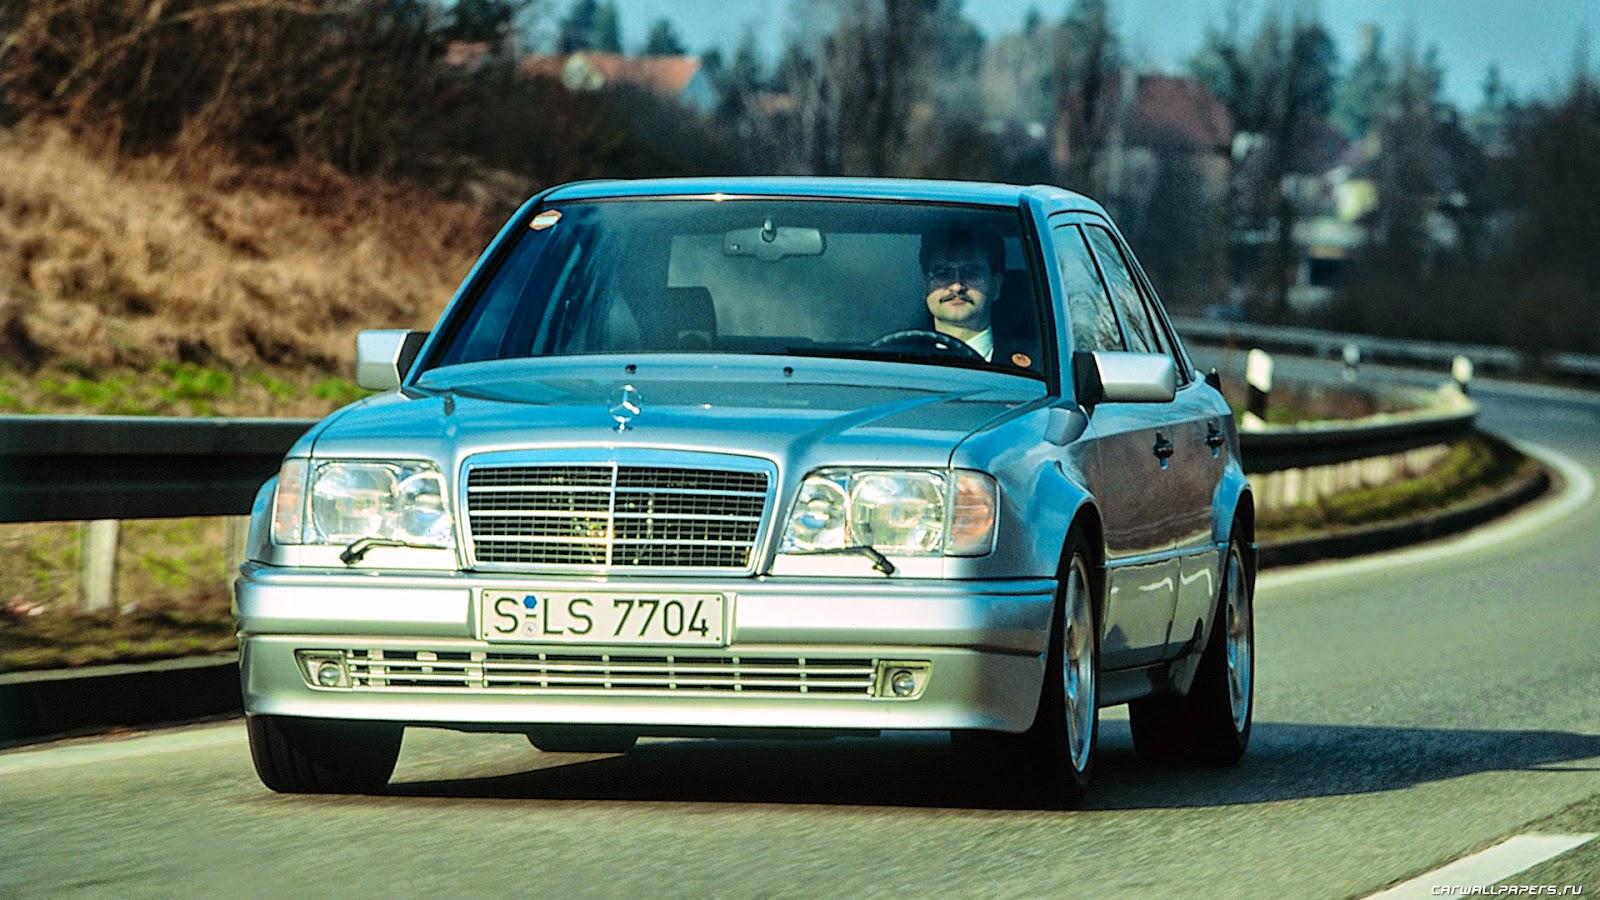 Mercedes Benz Tuning Wallpapers BENZTUNING